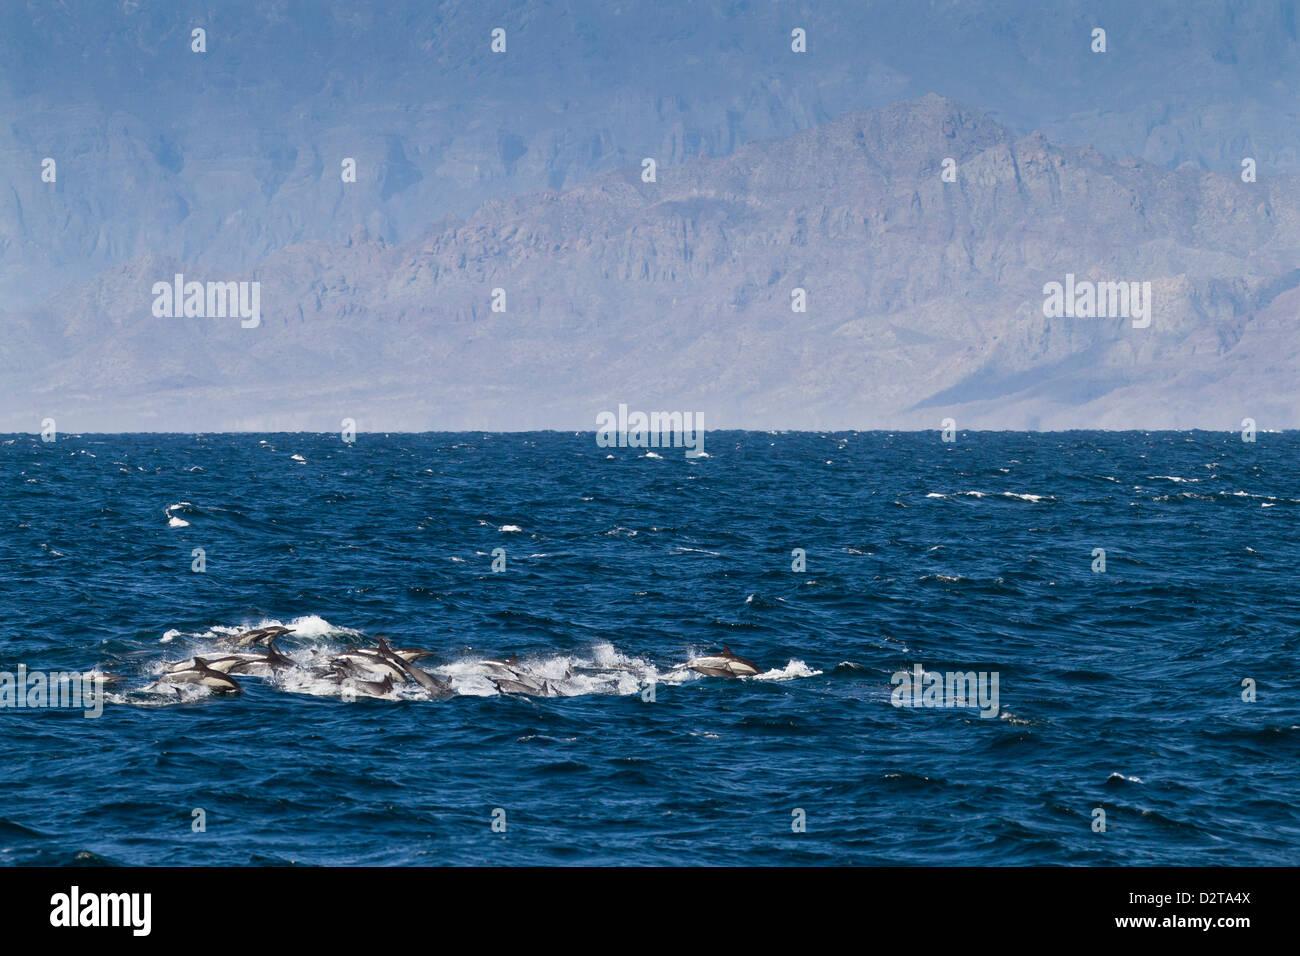 Larga picuda delfines comunes (Delphinus capensis), Isla San Esteban, en el Golfo de California (Mar de Cortés), Baja California, México Foto de stock